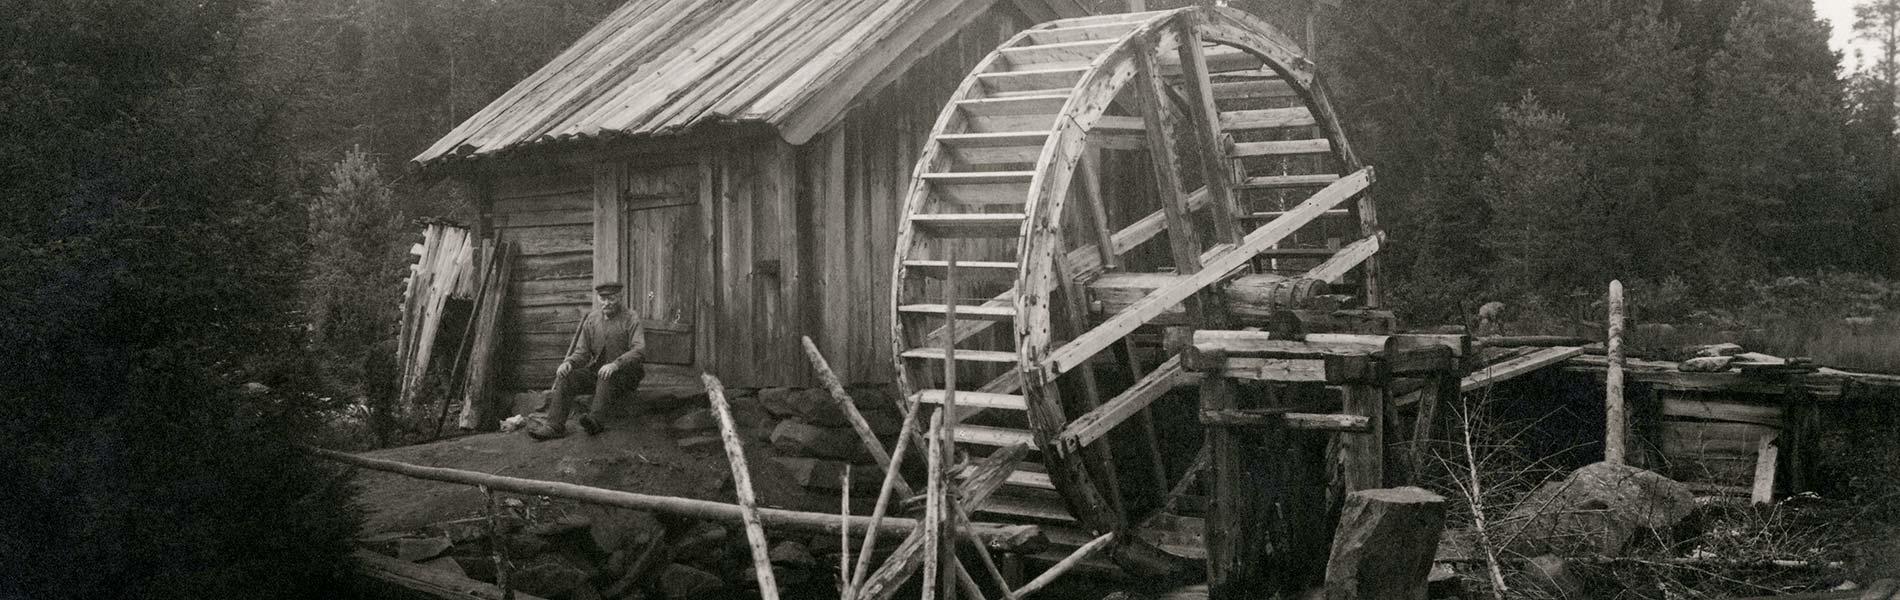 Vattenkraft, svartvit bild på en vattenhjul